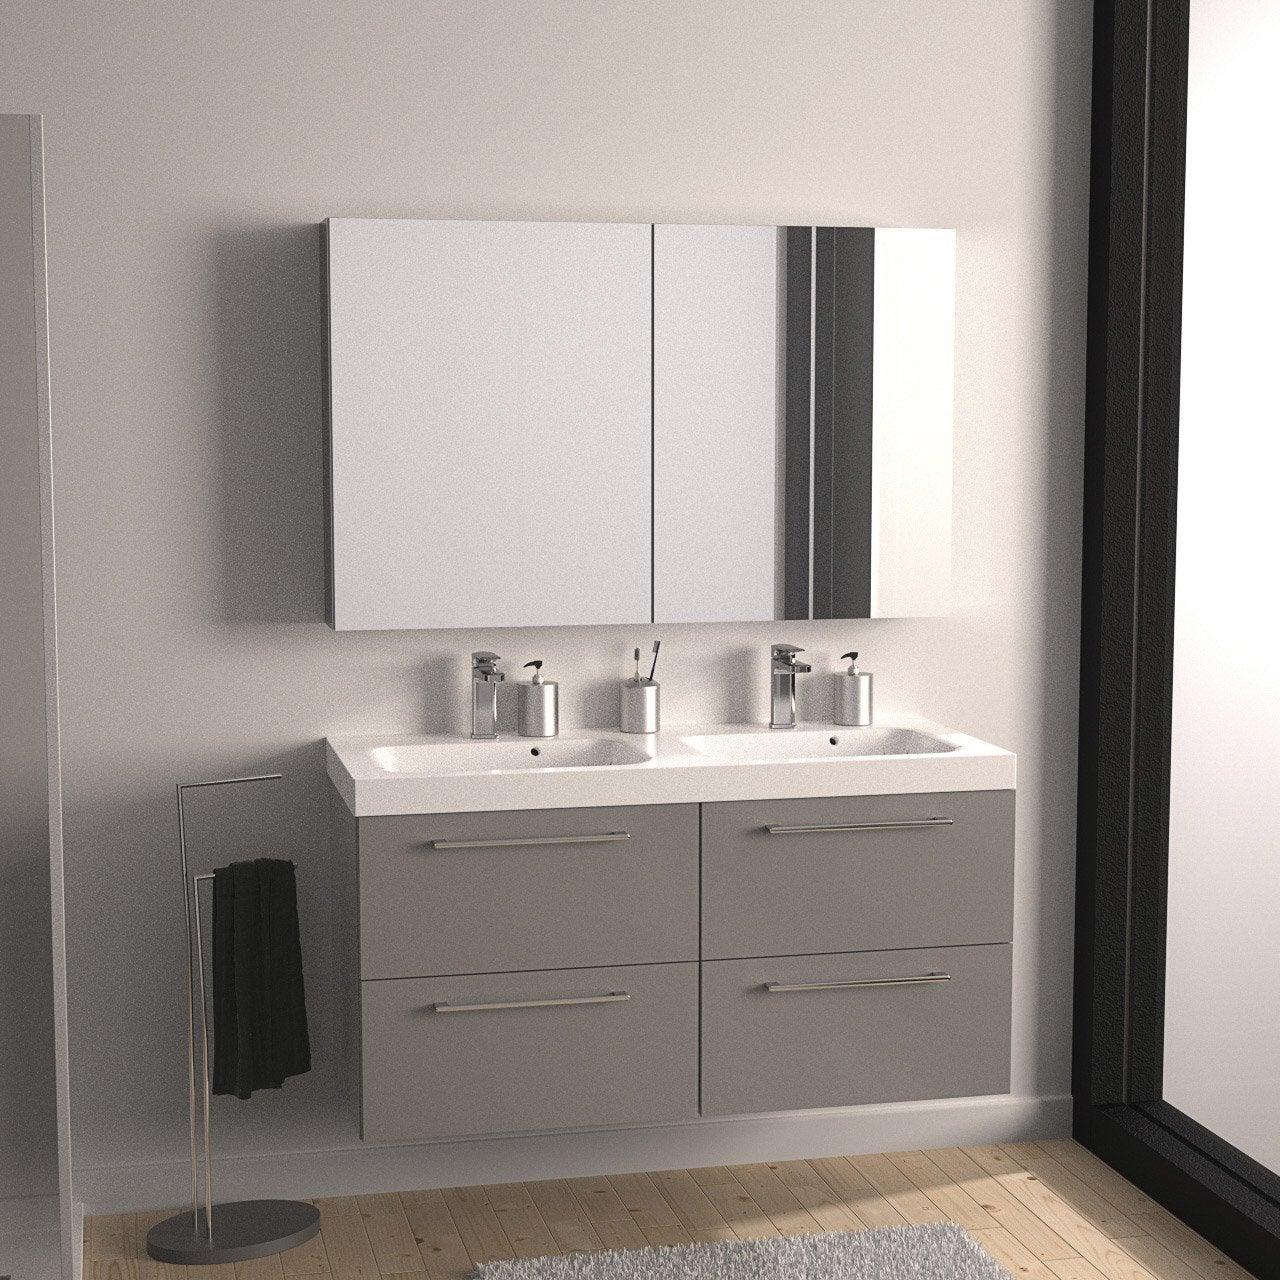 Meuble de salle de bains plus de 120 gris argent remix - Salle de bain remix leroy merlin ...